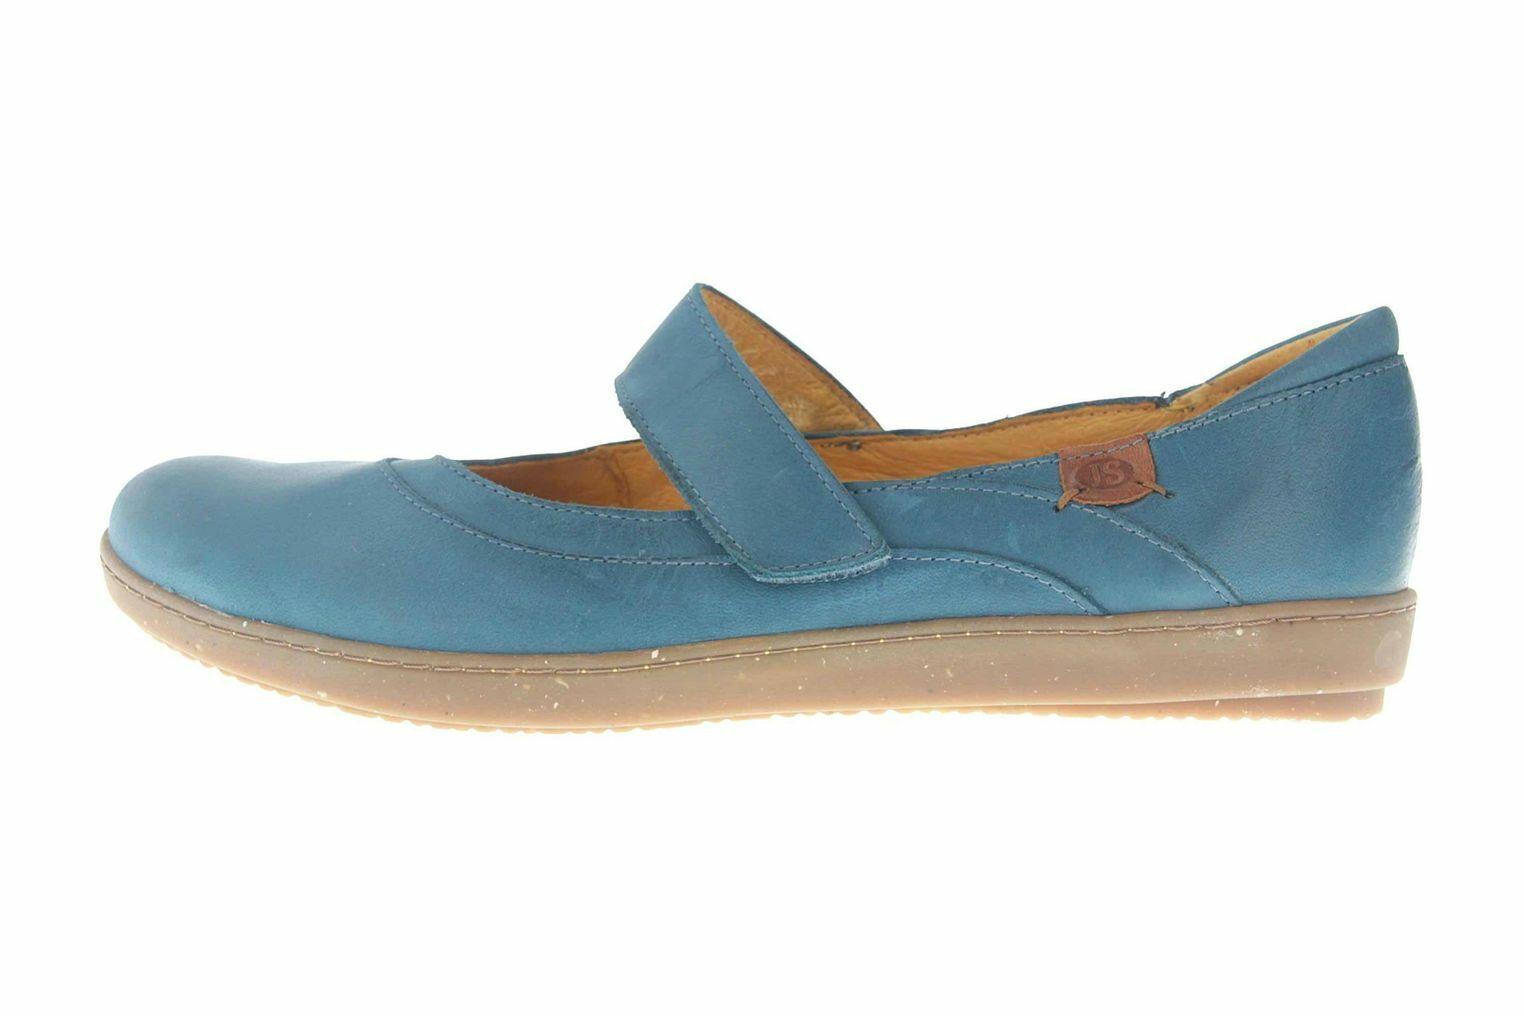 Josef Seibel Alea 01 Sandals in Plus Dimensiones blu  8101 140 515 Large donnasch  Miglior prezzo